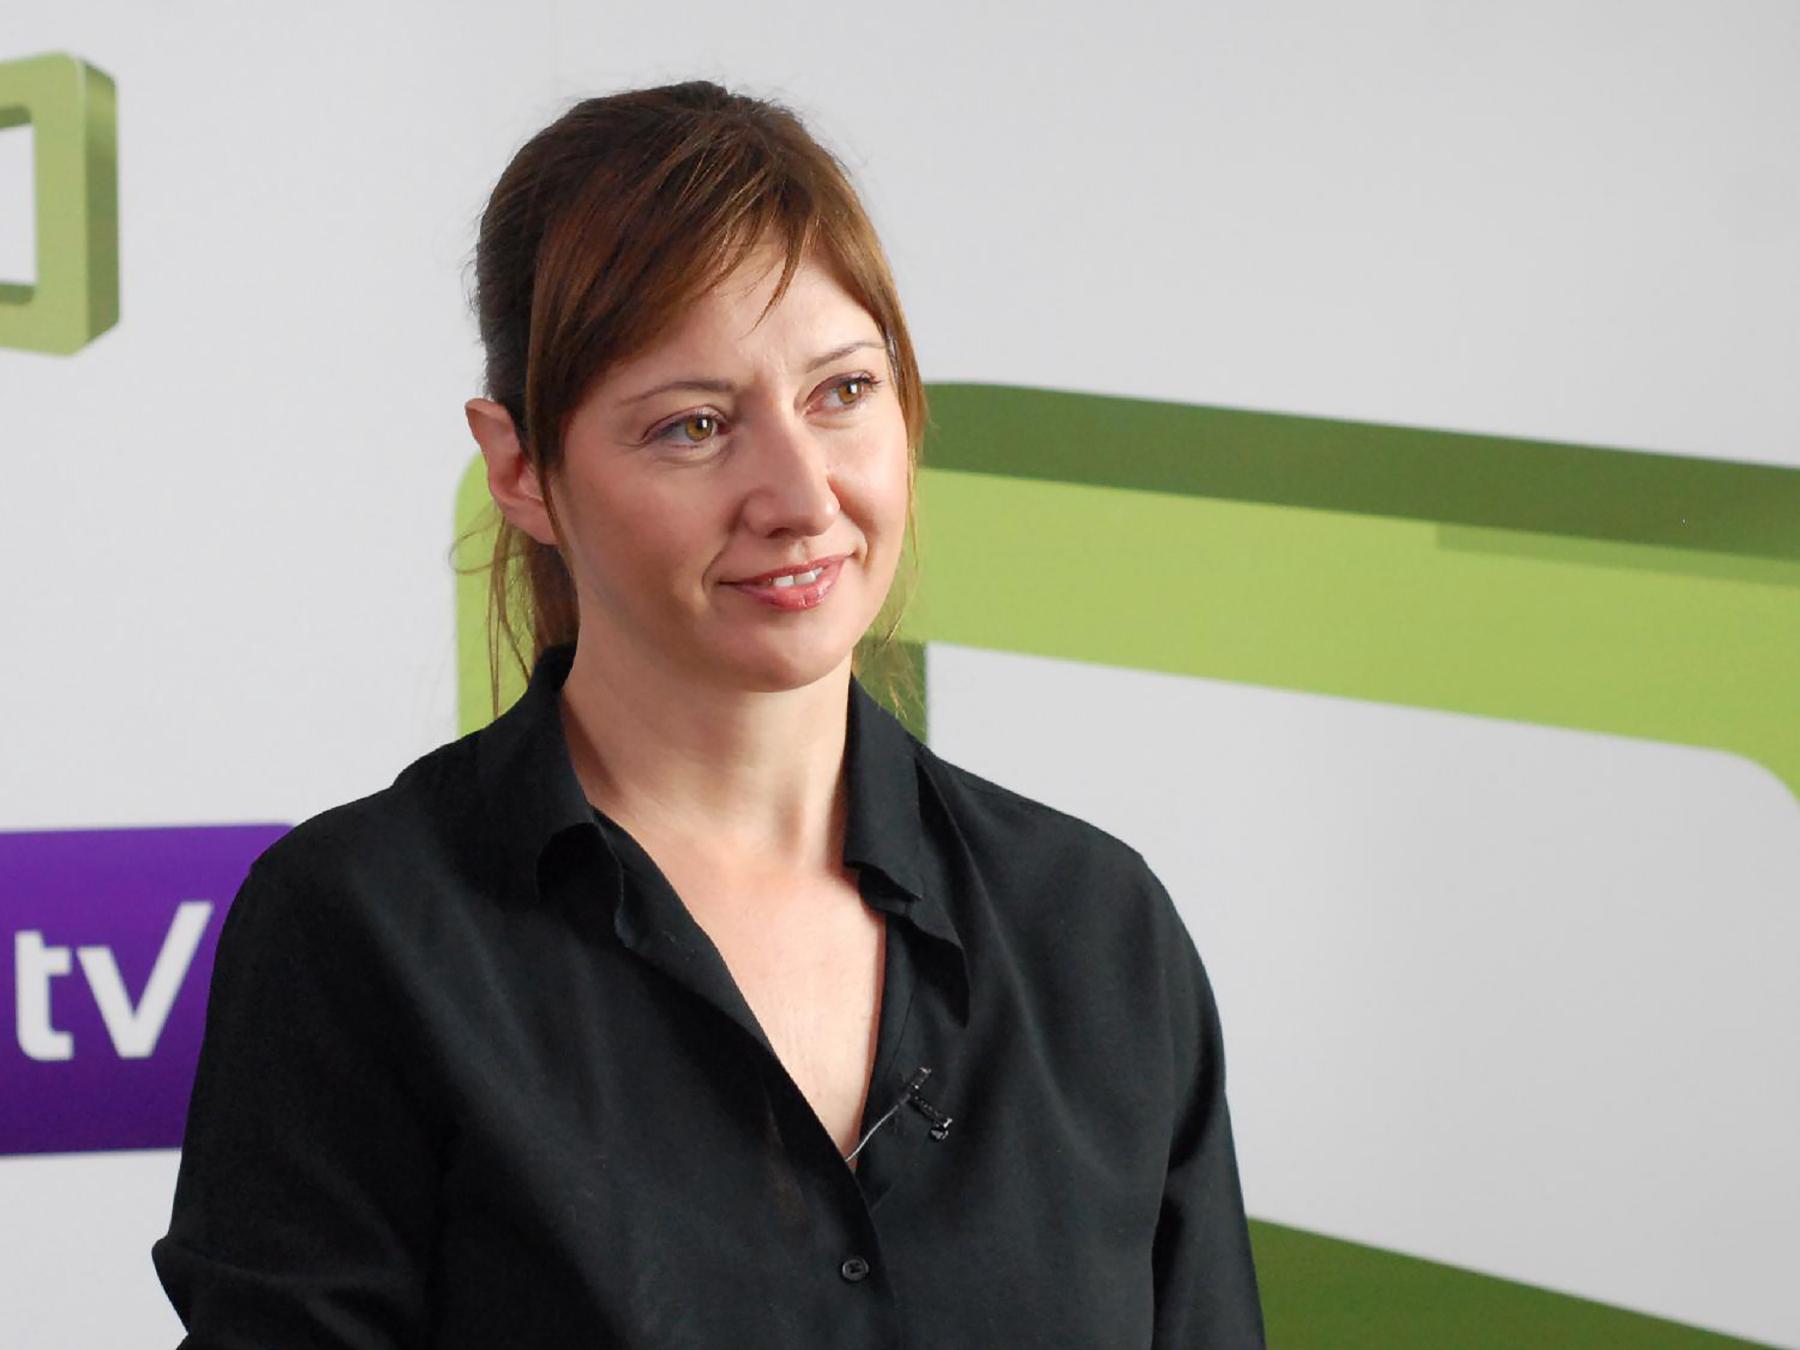 Jelena Curuvija